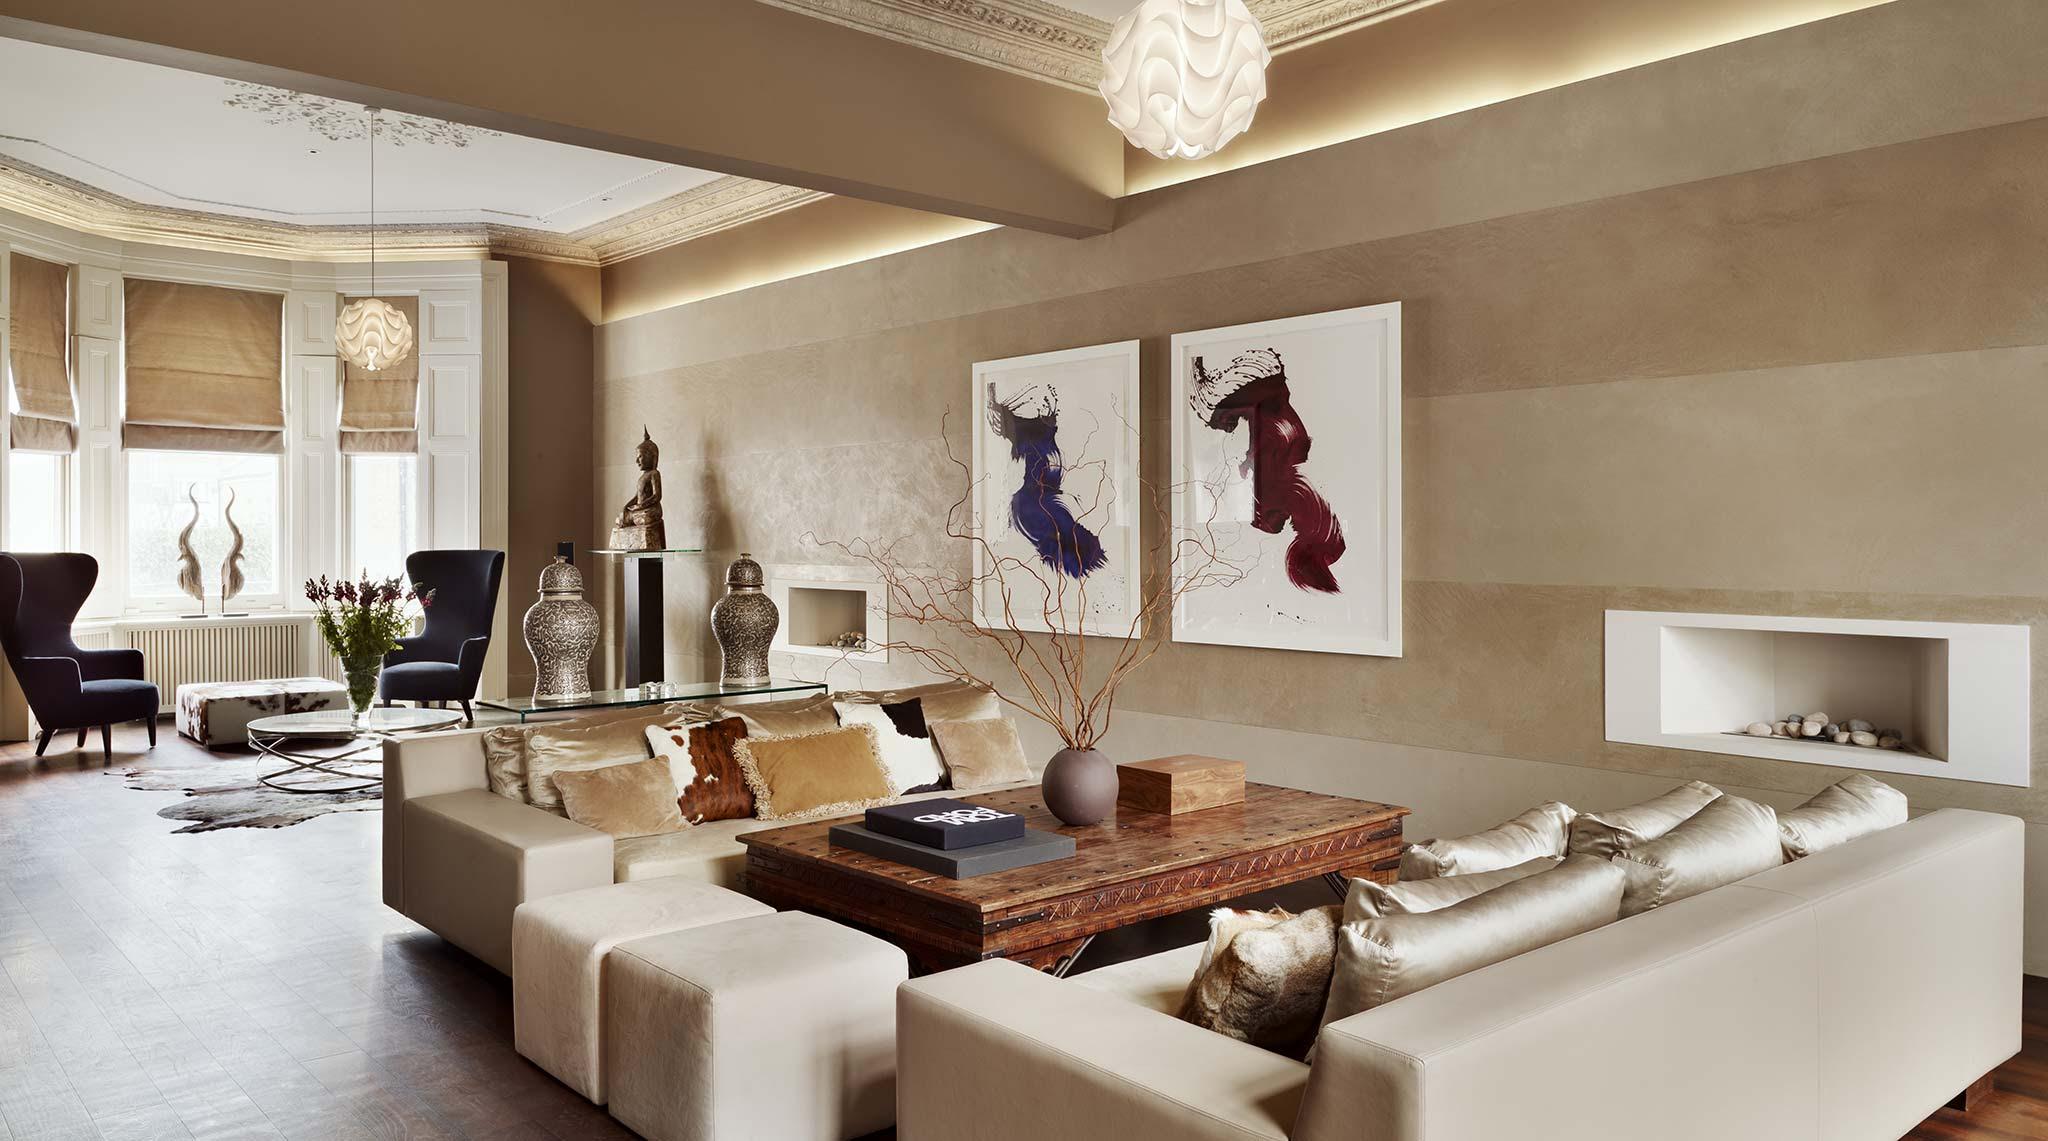 luxury kensington house callender howorth 021